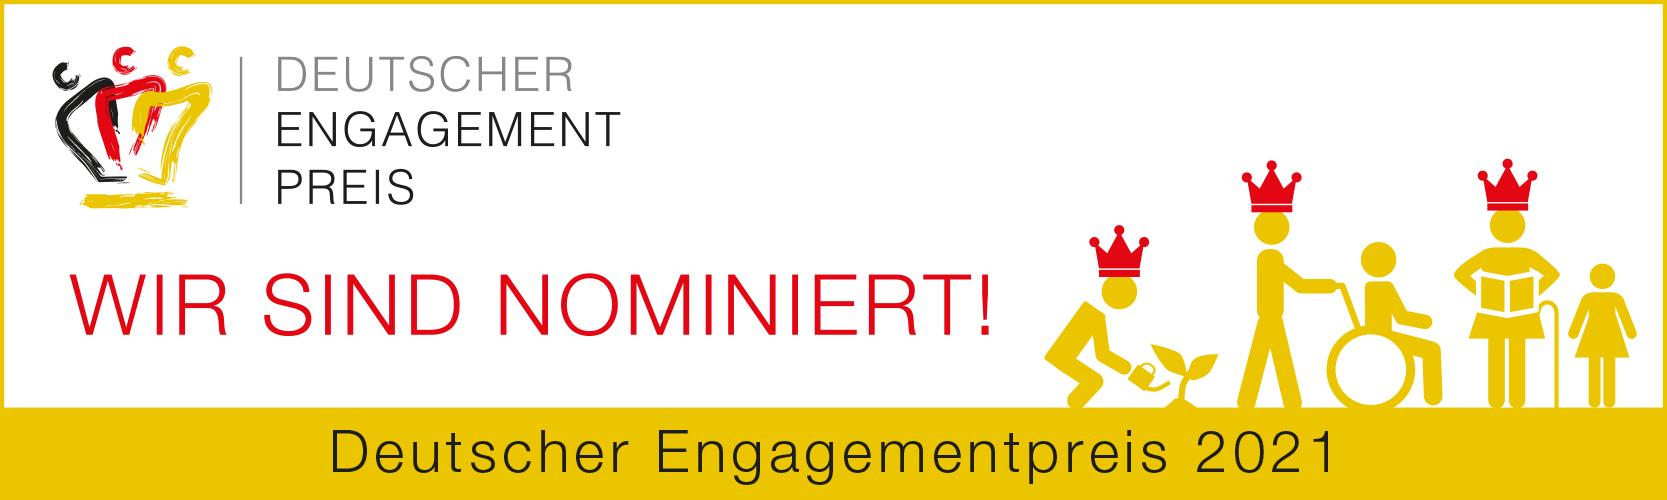 Deutscher Engagementpreis 2021